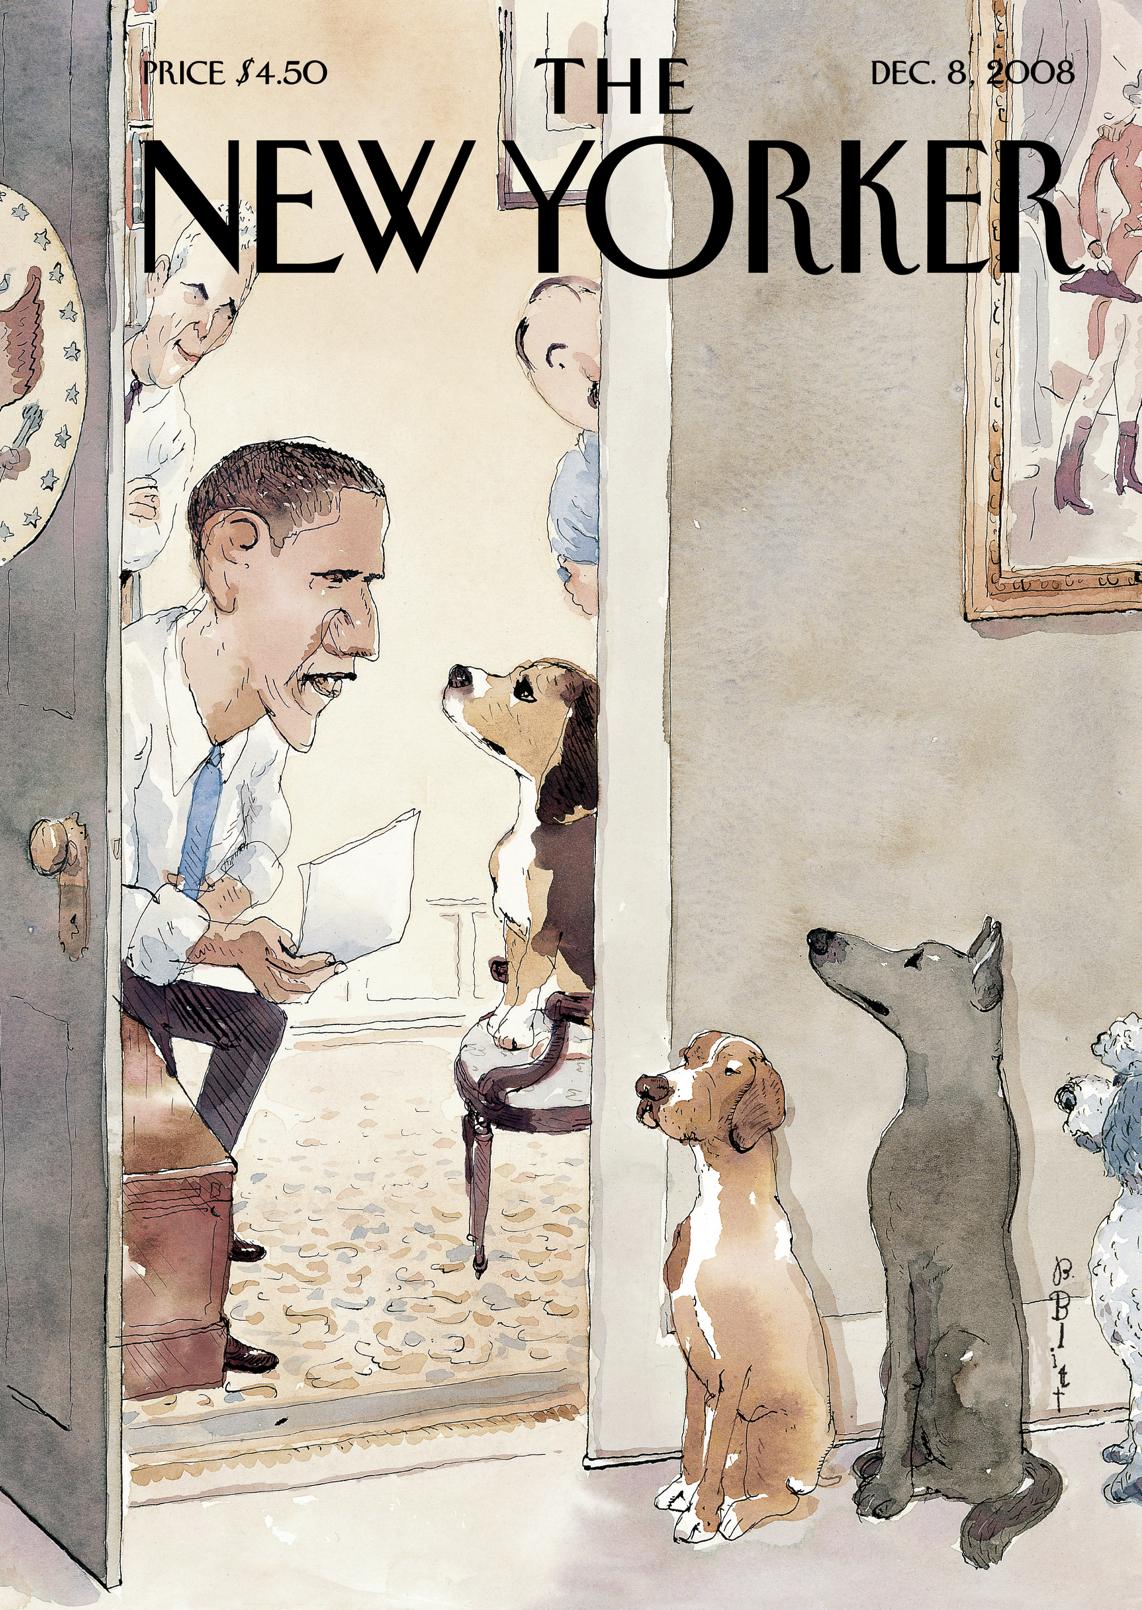 2008_12_08_Blitt_Obama_Dog.jpg